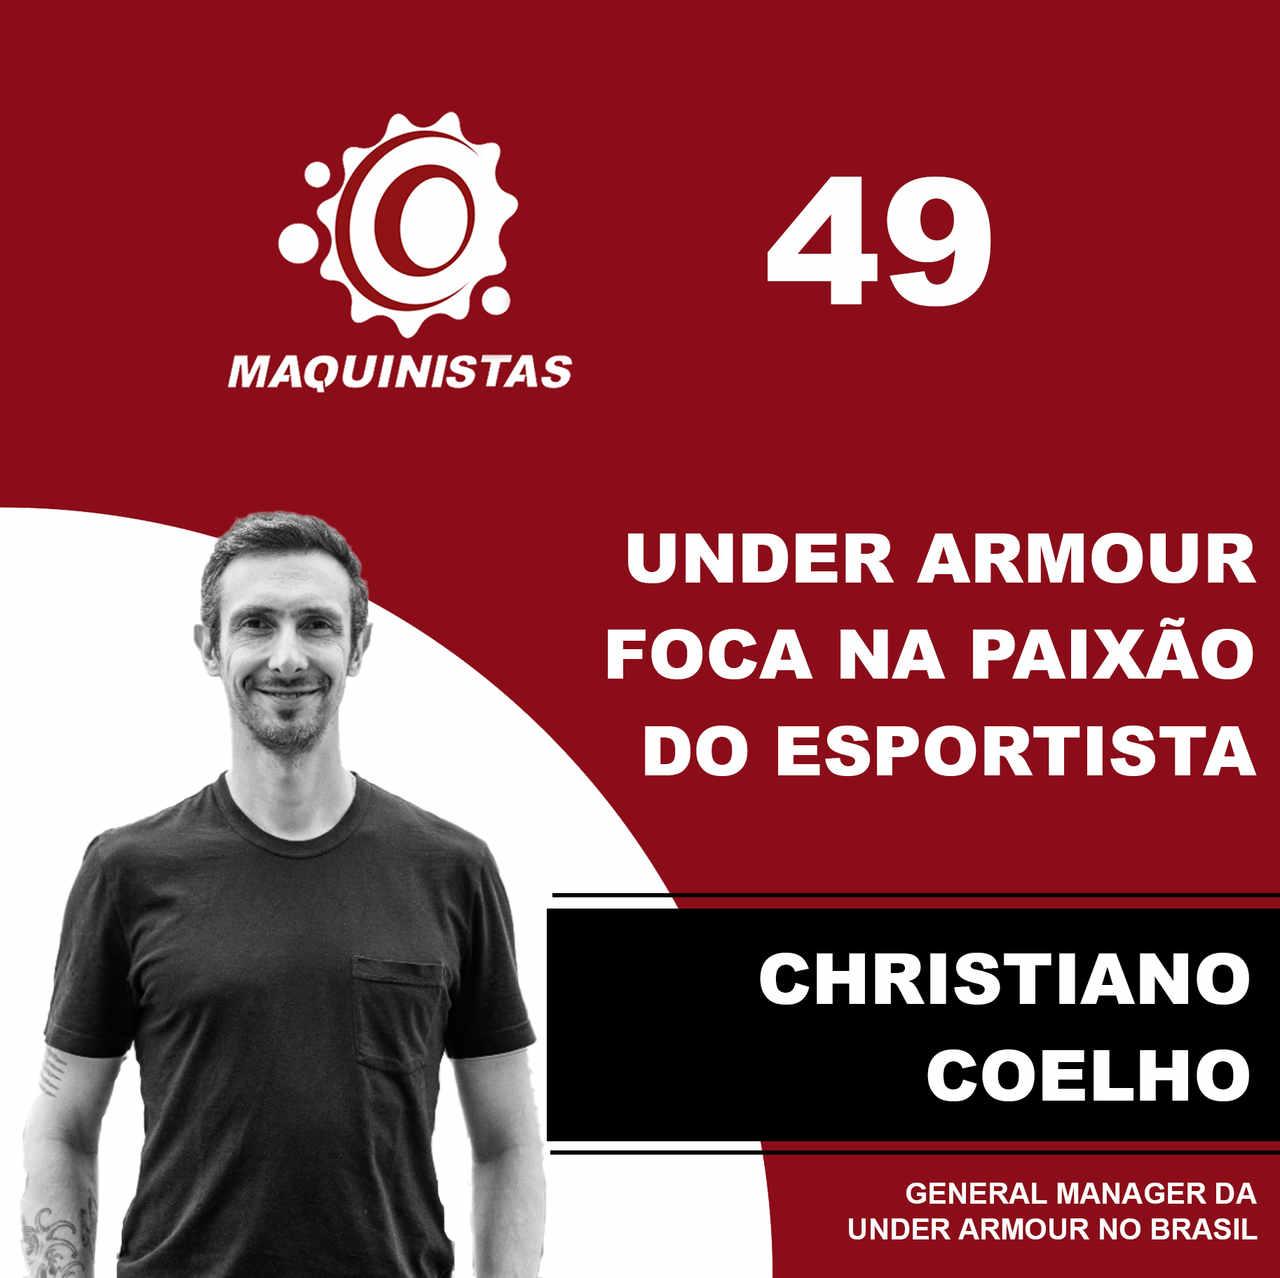 Christiano Coelho, general manager da Under Armour no Brasil, é o convidado de Maquinistas